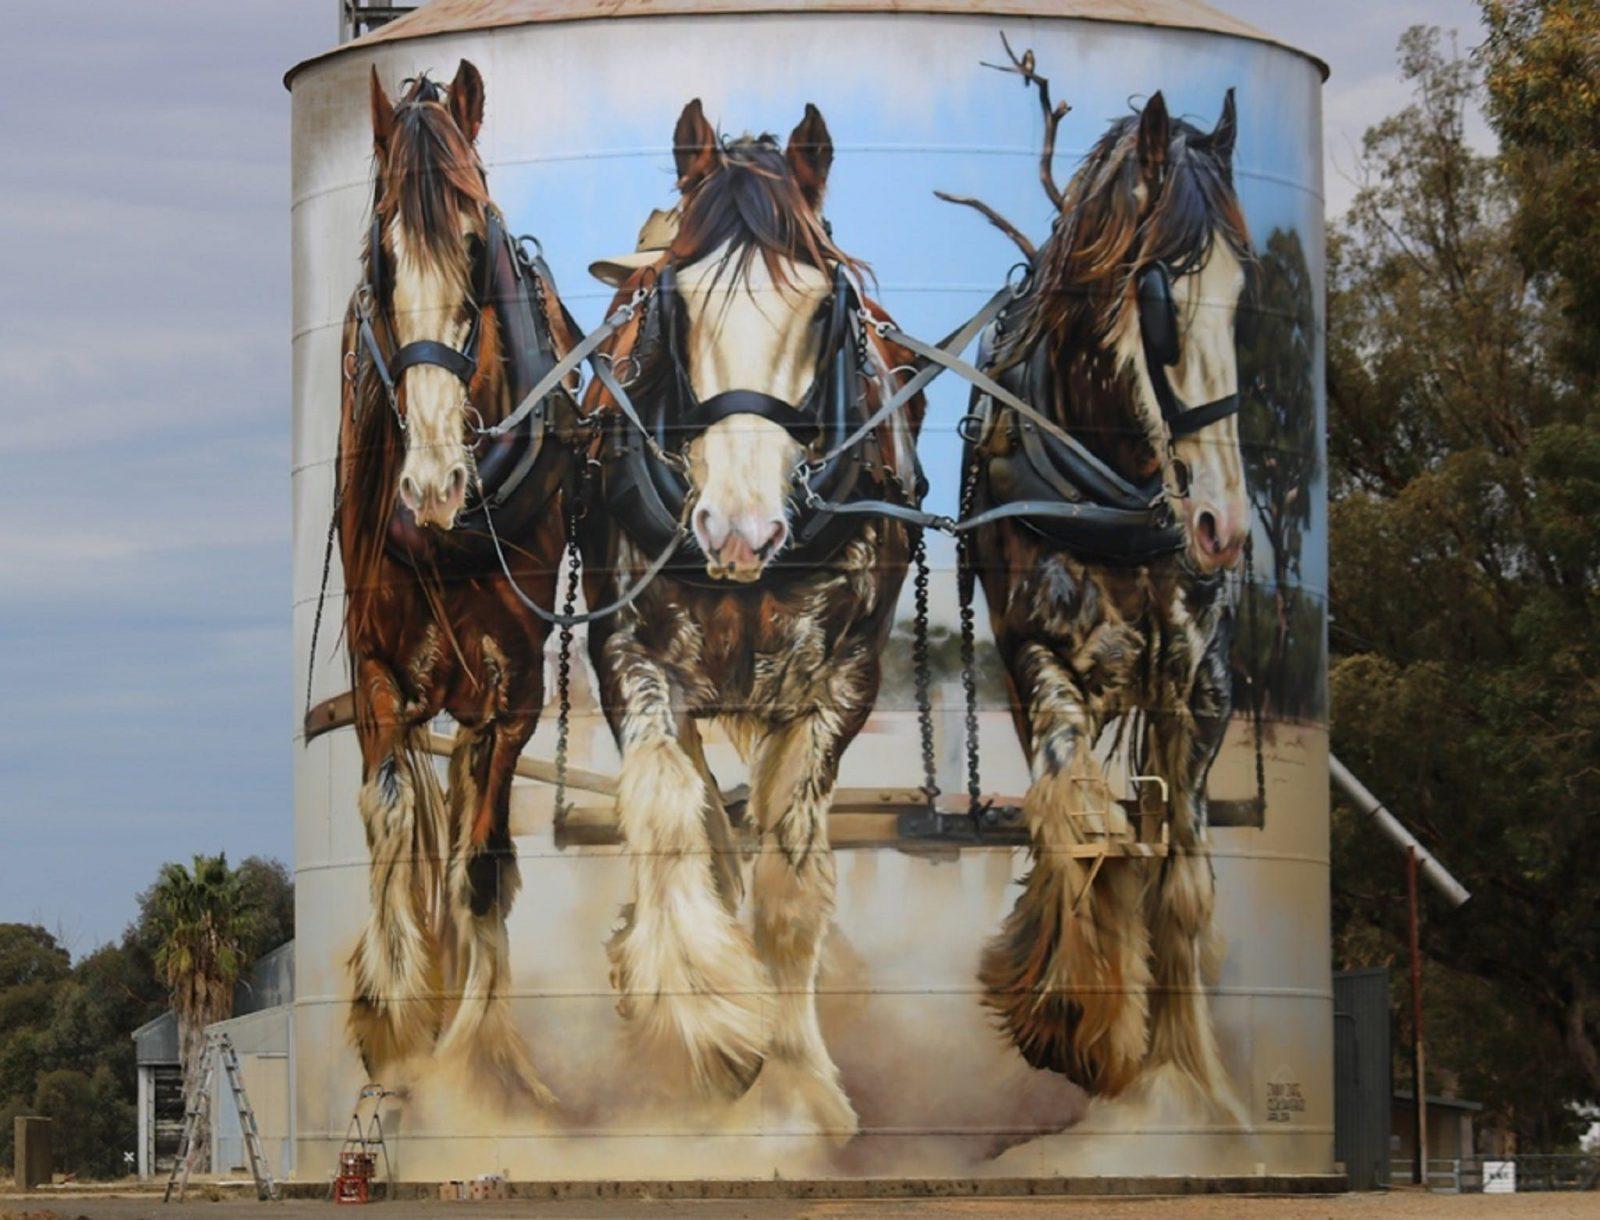 North East Victoria Silo Art